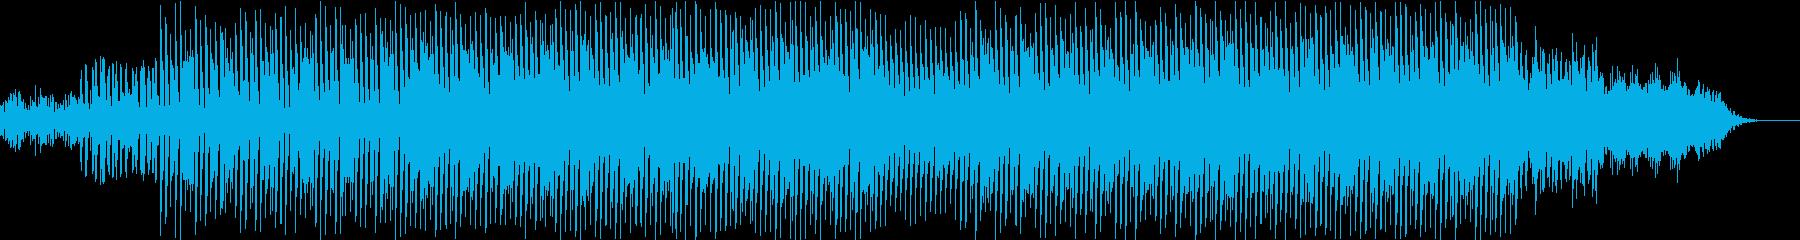 メロウで重めのダンスミュージックの再生済みの波形